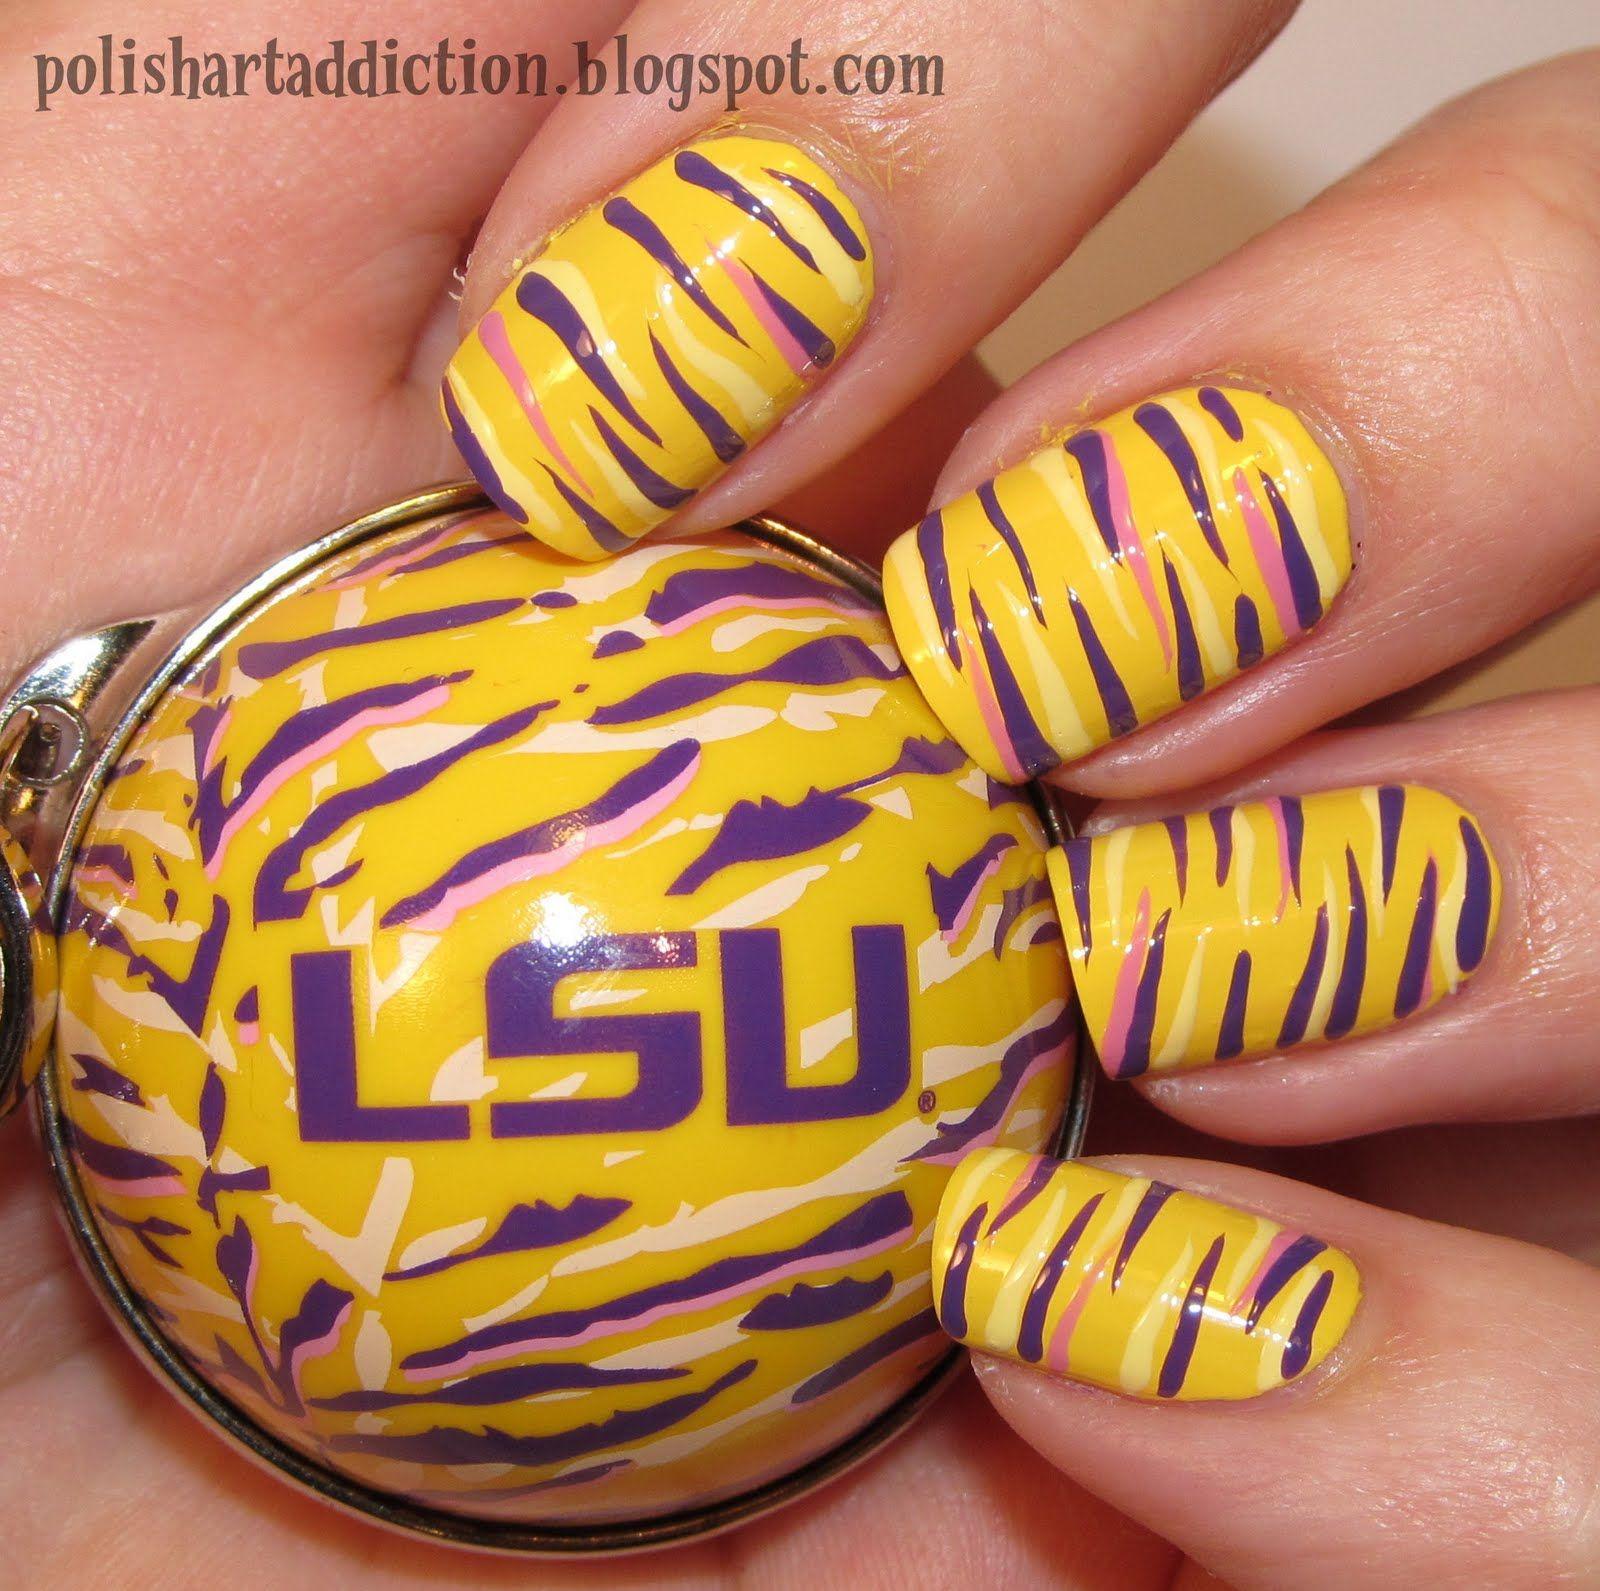 LSU-NAIL ART | Makeup & Nails :) | Pinterest | Makeup